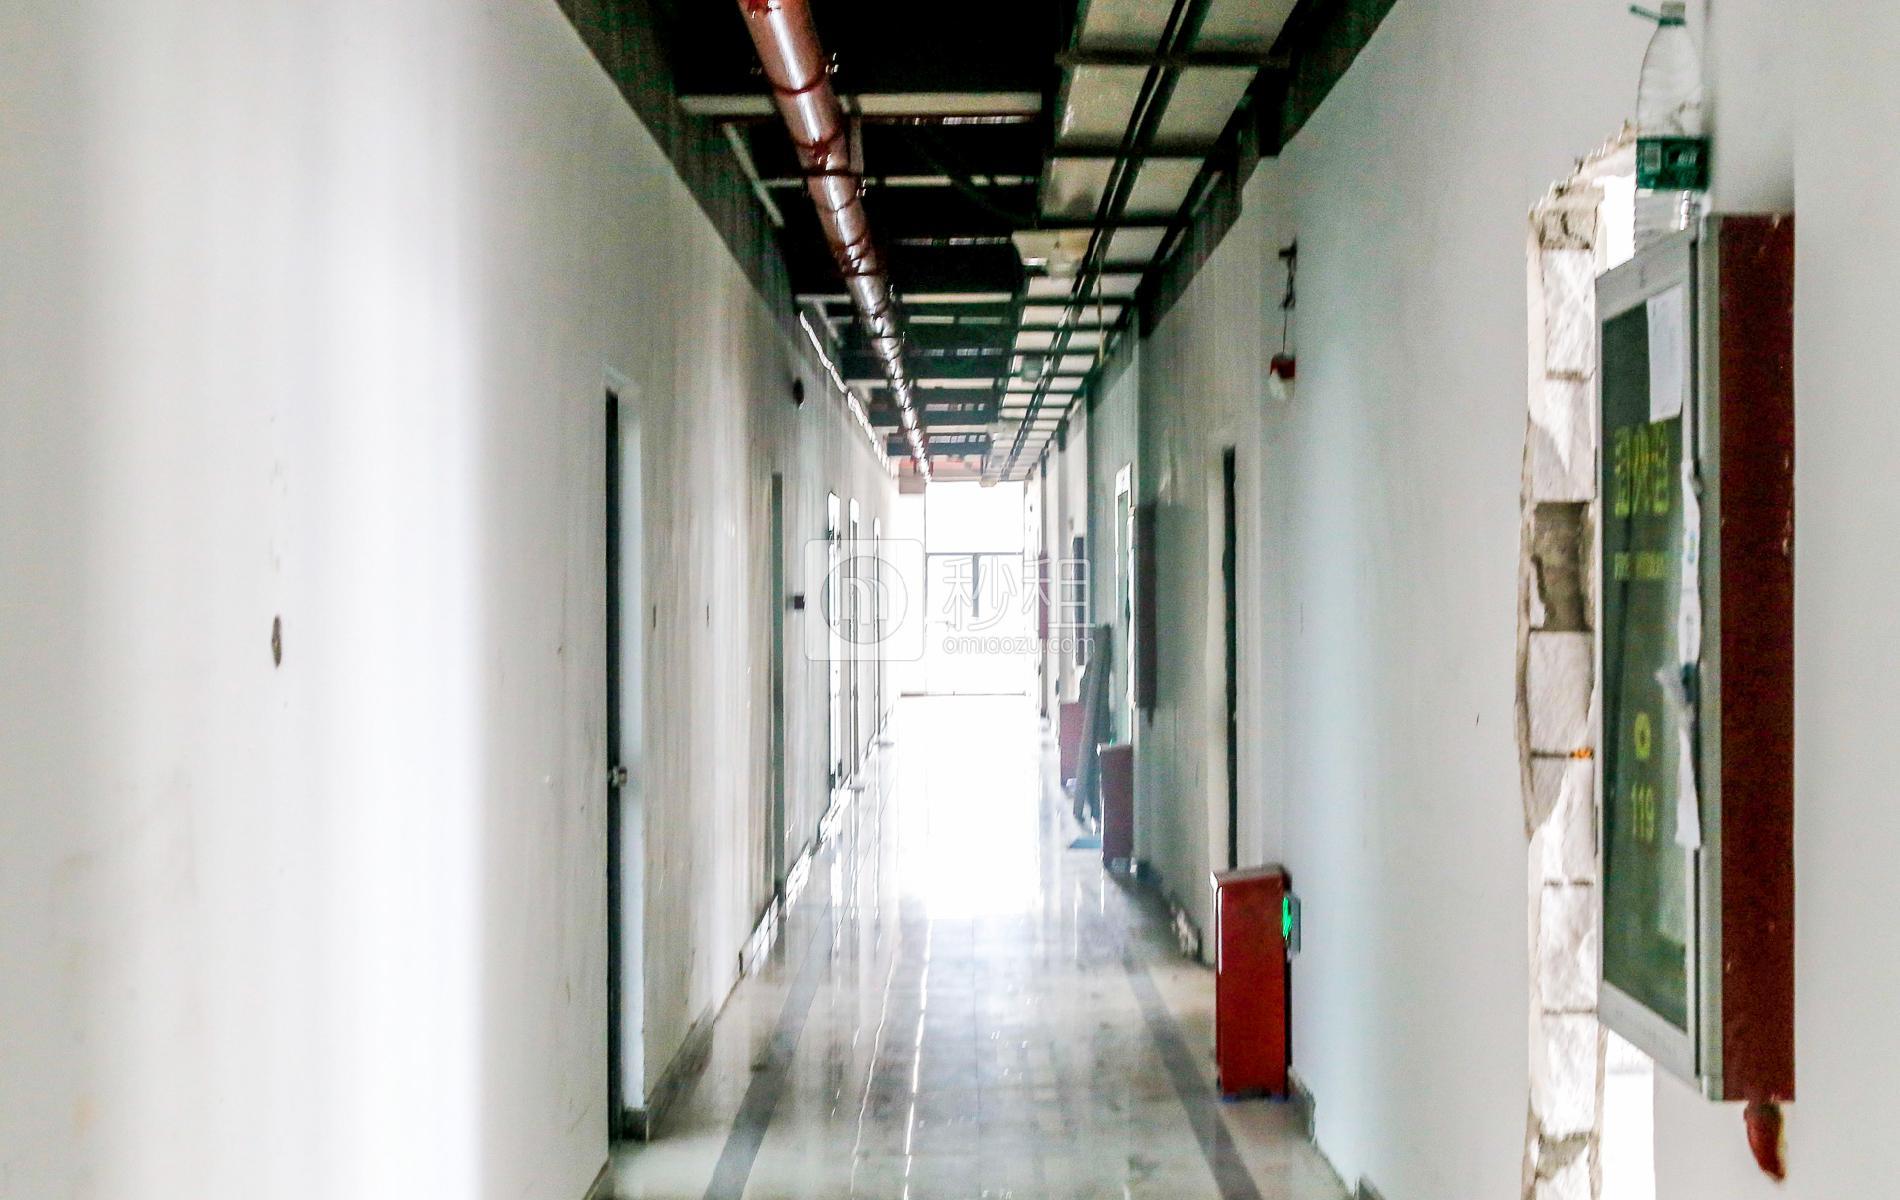 国乐科技园写字楼出租/招租/租赁,国乐科技园办公室出租/招租/租赁